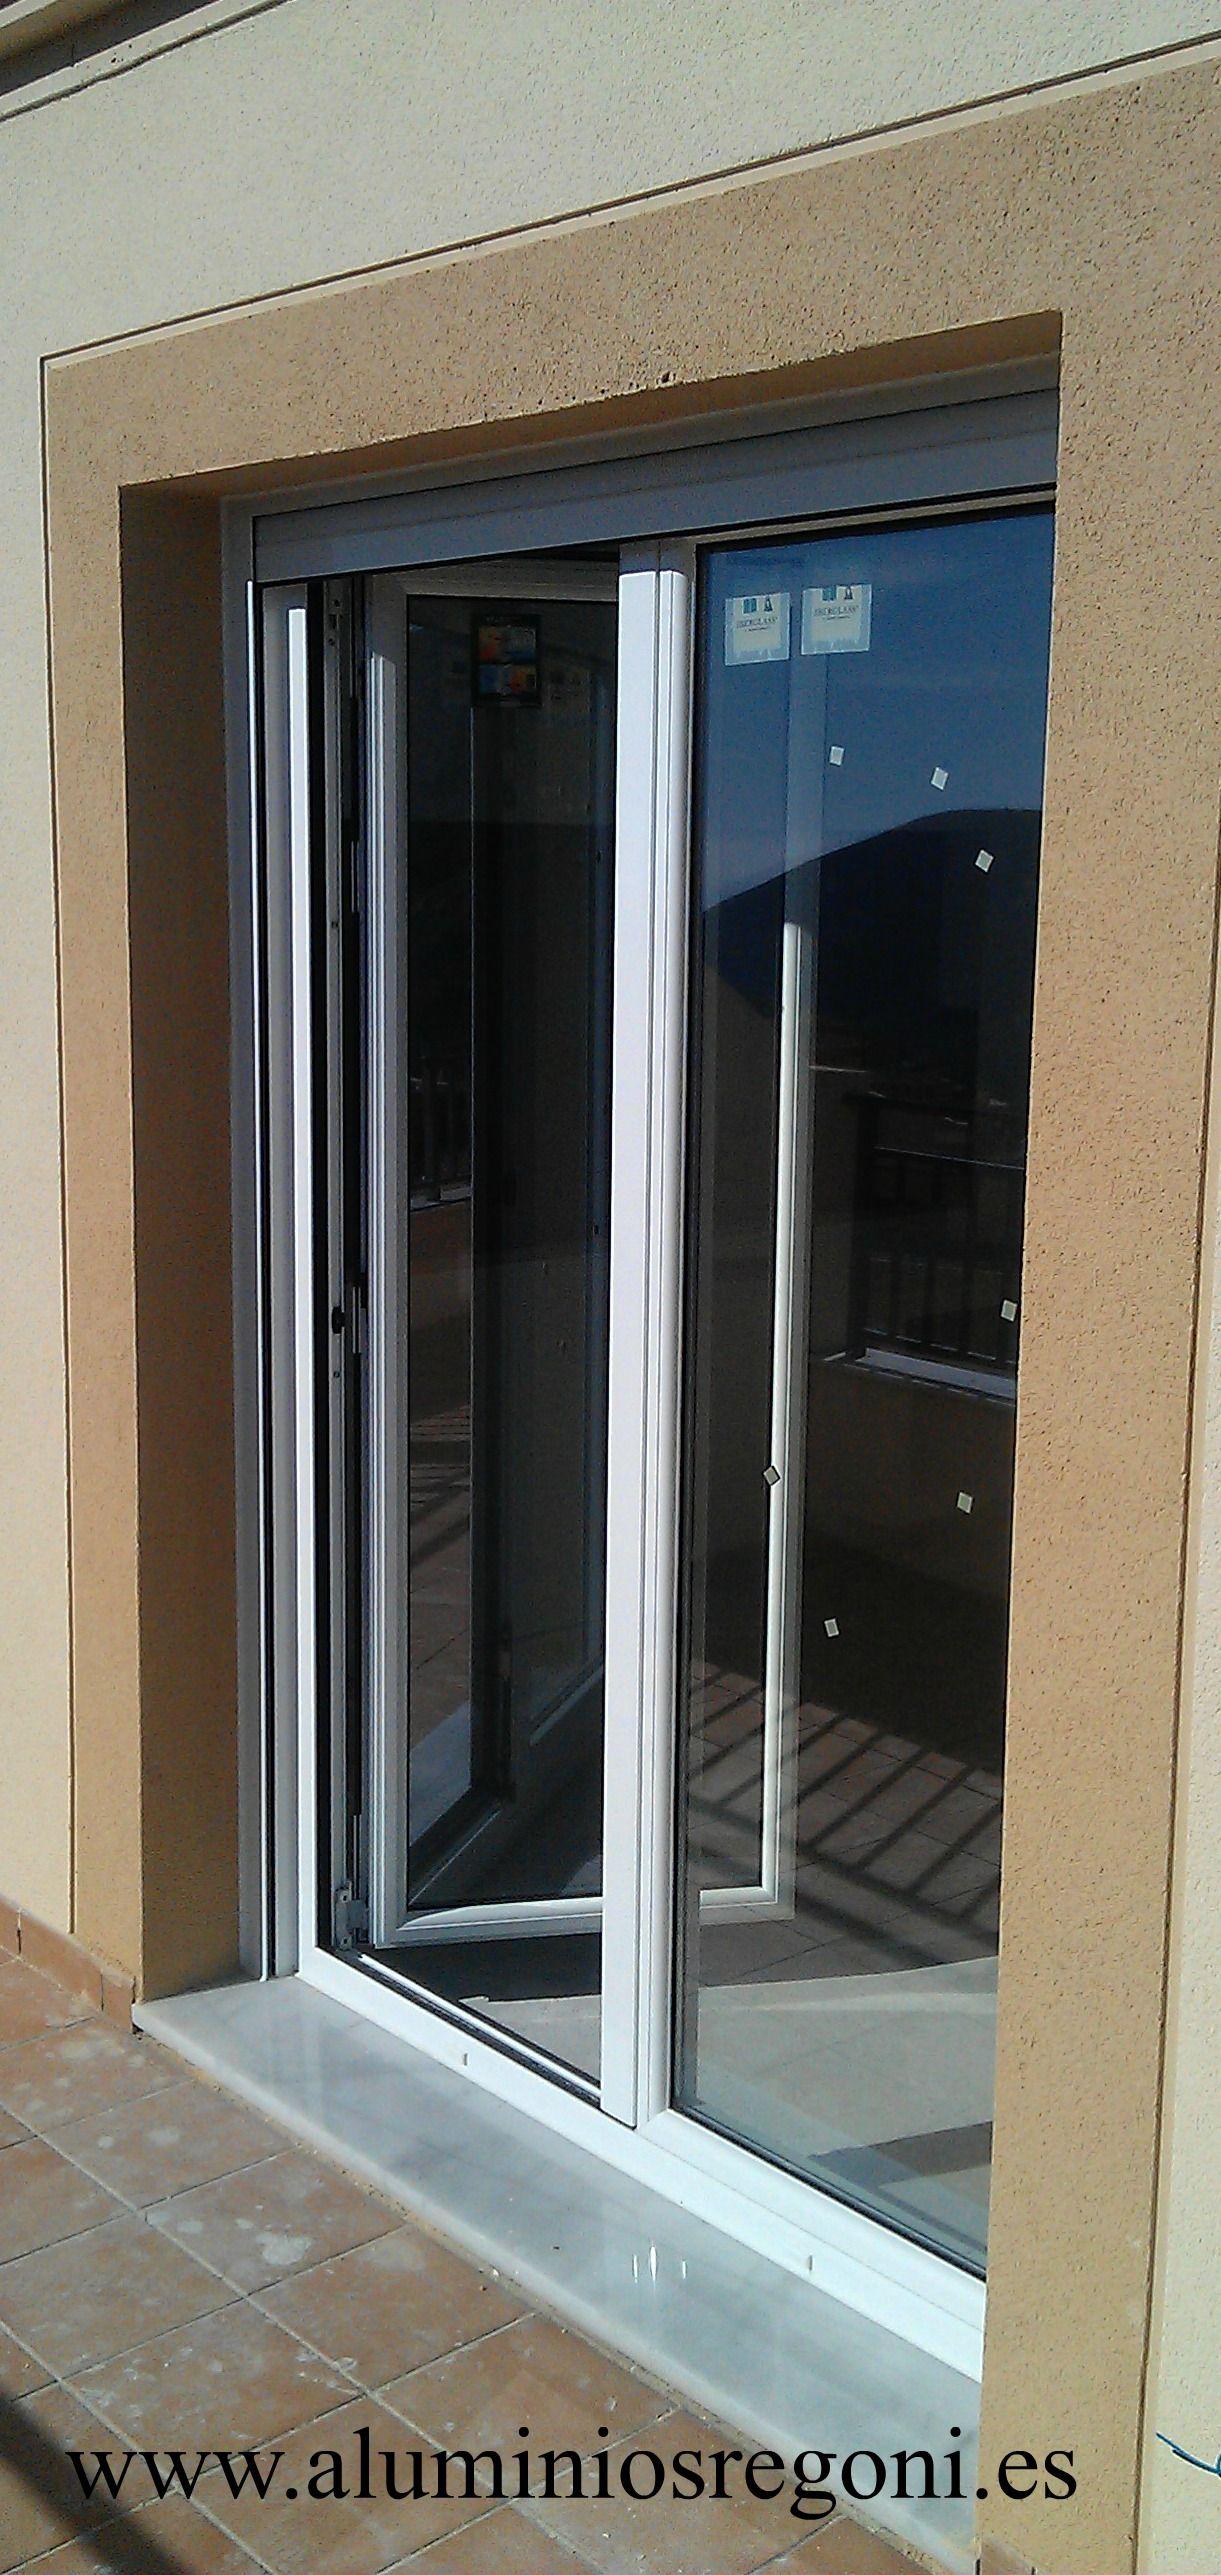 Ventana de aluminio con rotura de puente termico ventanas y cristaleras de aluminio puertas - Ventanas rotura puente termico ...